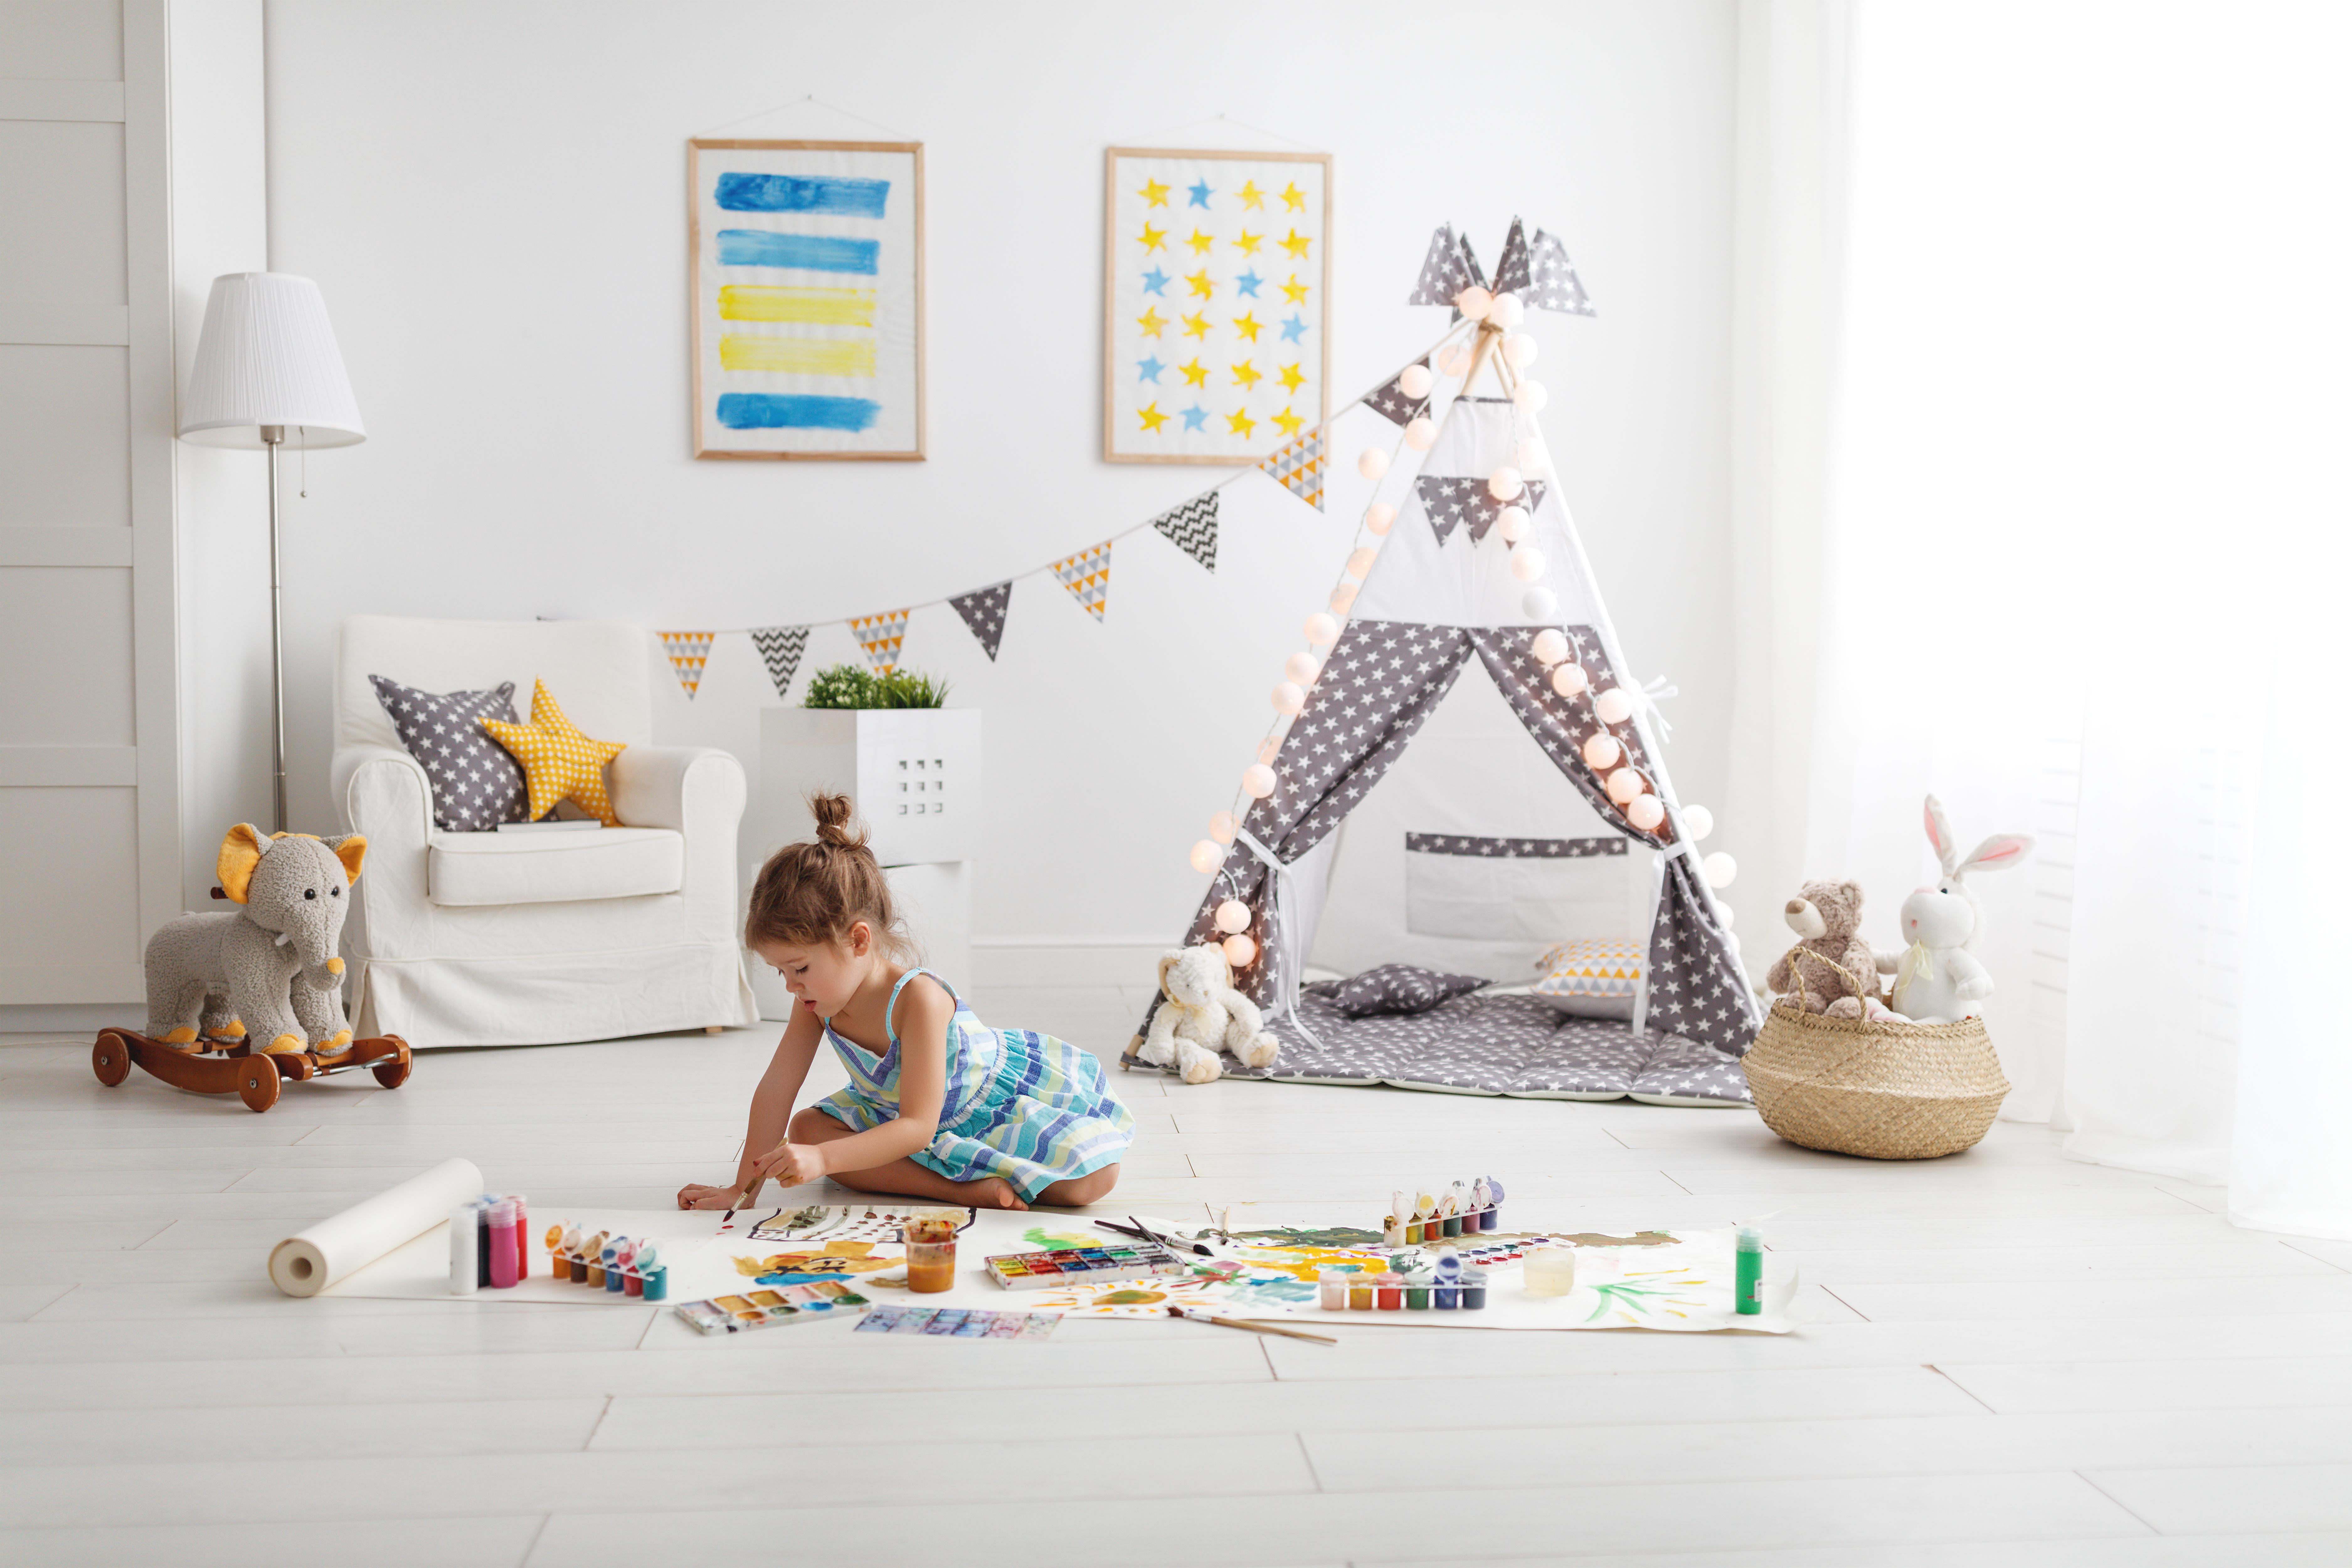 Idee Colorate Per Decorare La Cameretta Dei Bambini